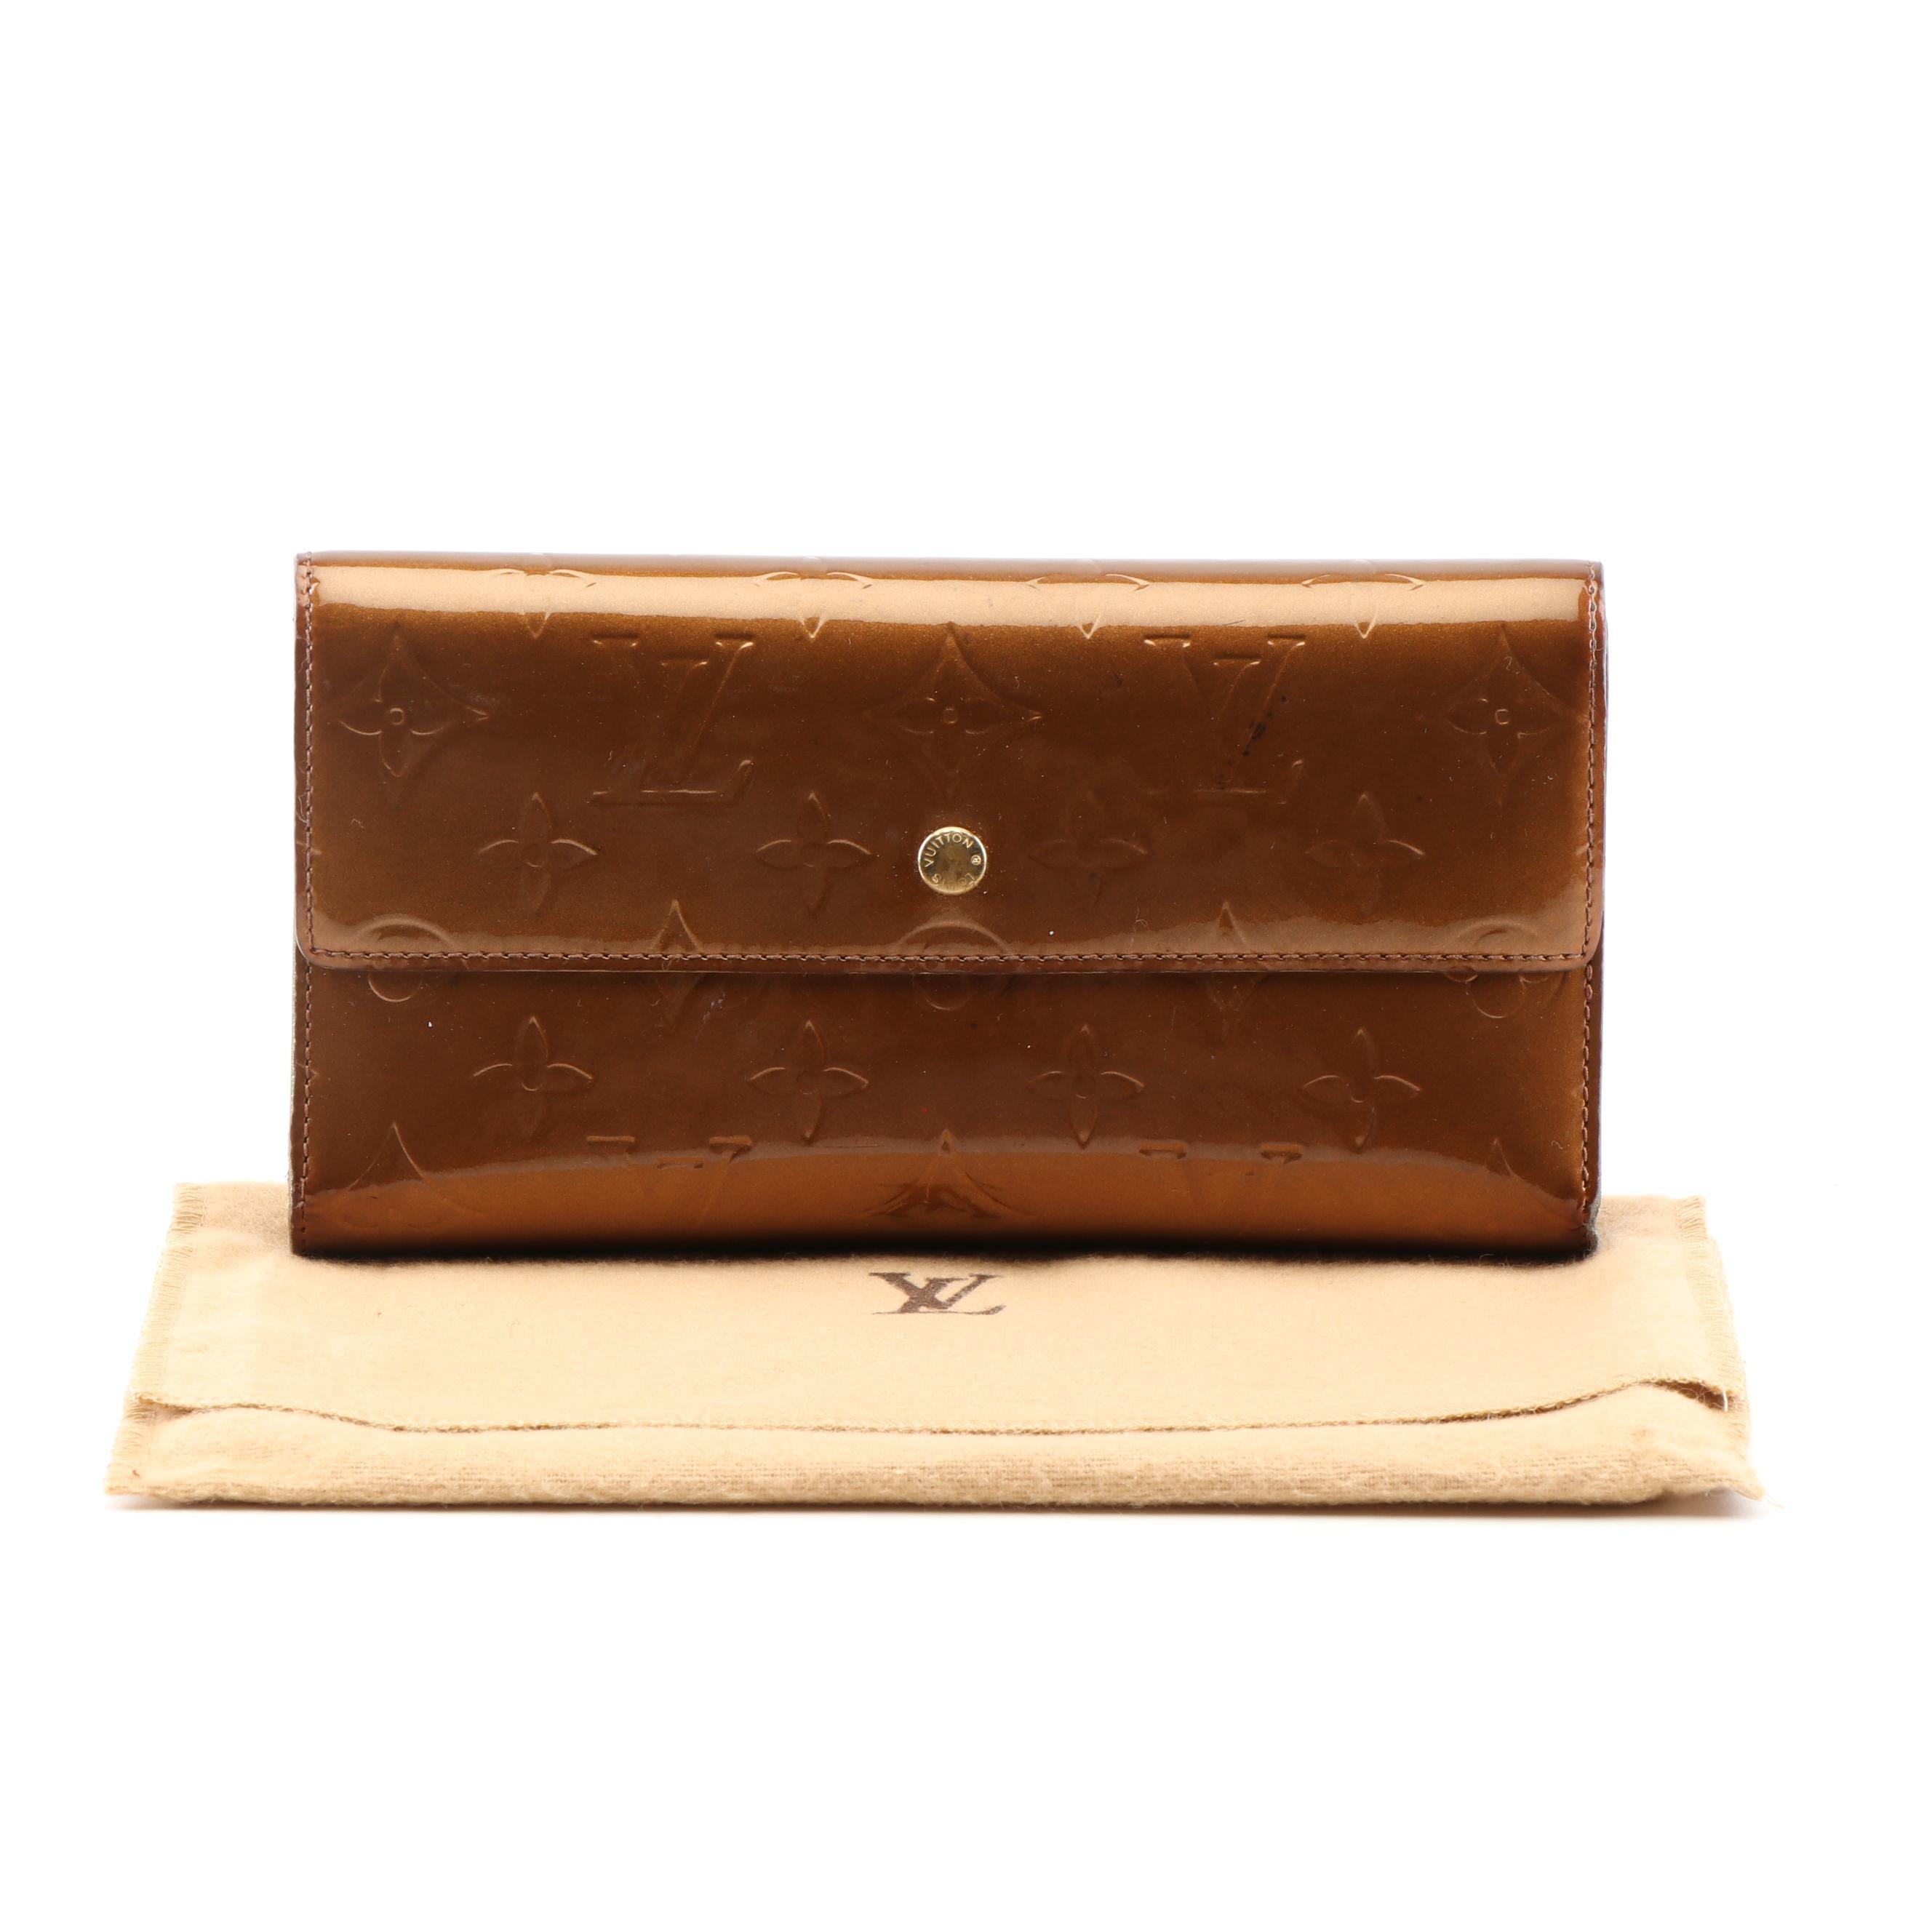 Louis Vuitton Paris Bronze Vernis Patent Leather Sarah Wallet